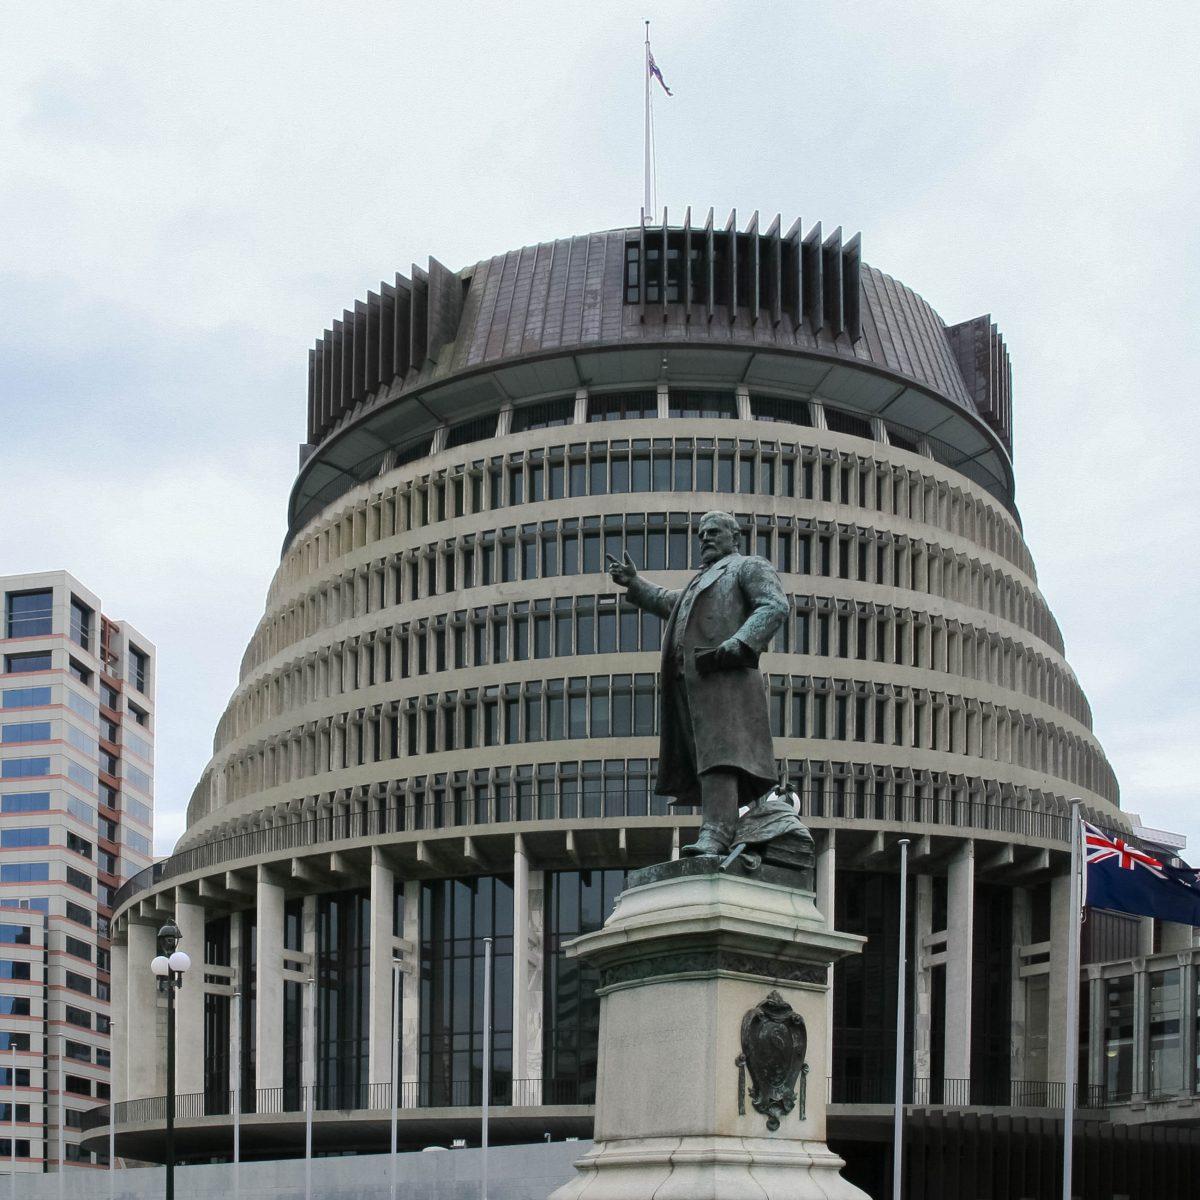 """Der 72 Meter hohe Regierungsbau """"Beehive"""" (""""Bienenkorb"""") wurde bereits 1977 nach nur 13 Jahre Bauzeit eröffnet, Wellington, Neuseeland - © ezk / franks-travelbox"""